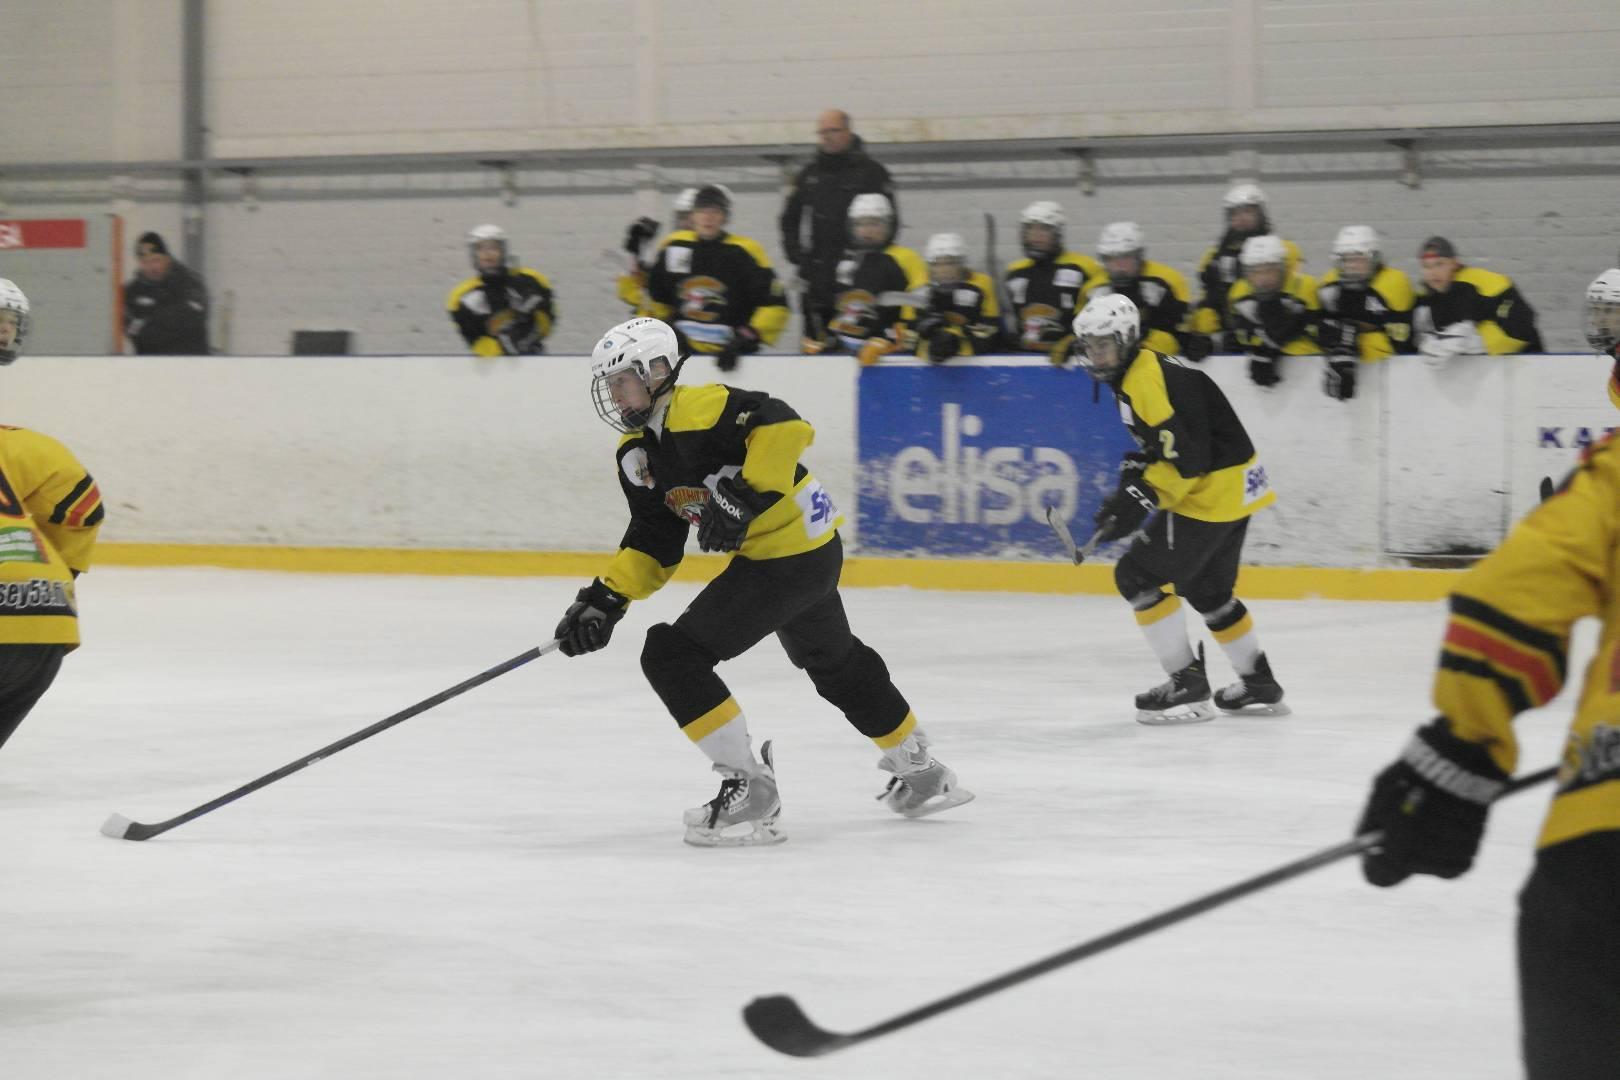 Pingviini joukkueet kausi 2021-22 ja Edustus jatkaa II-divarissa